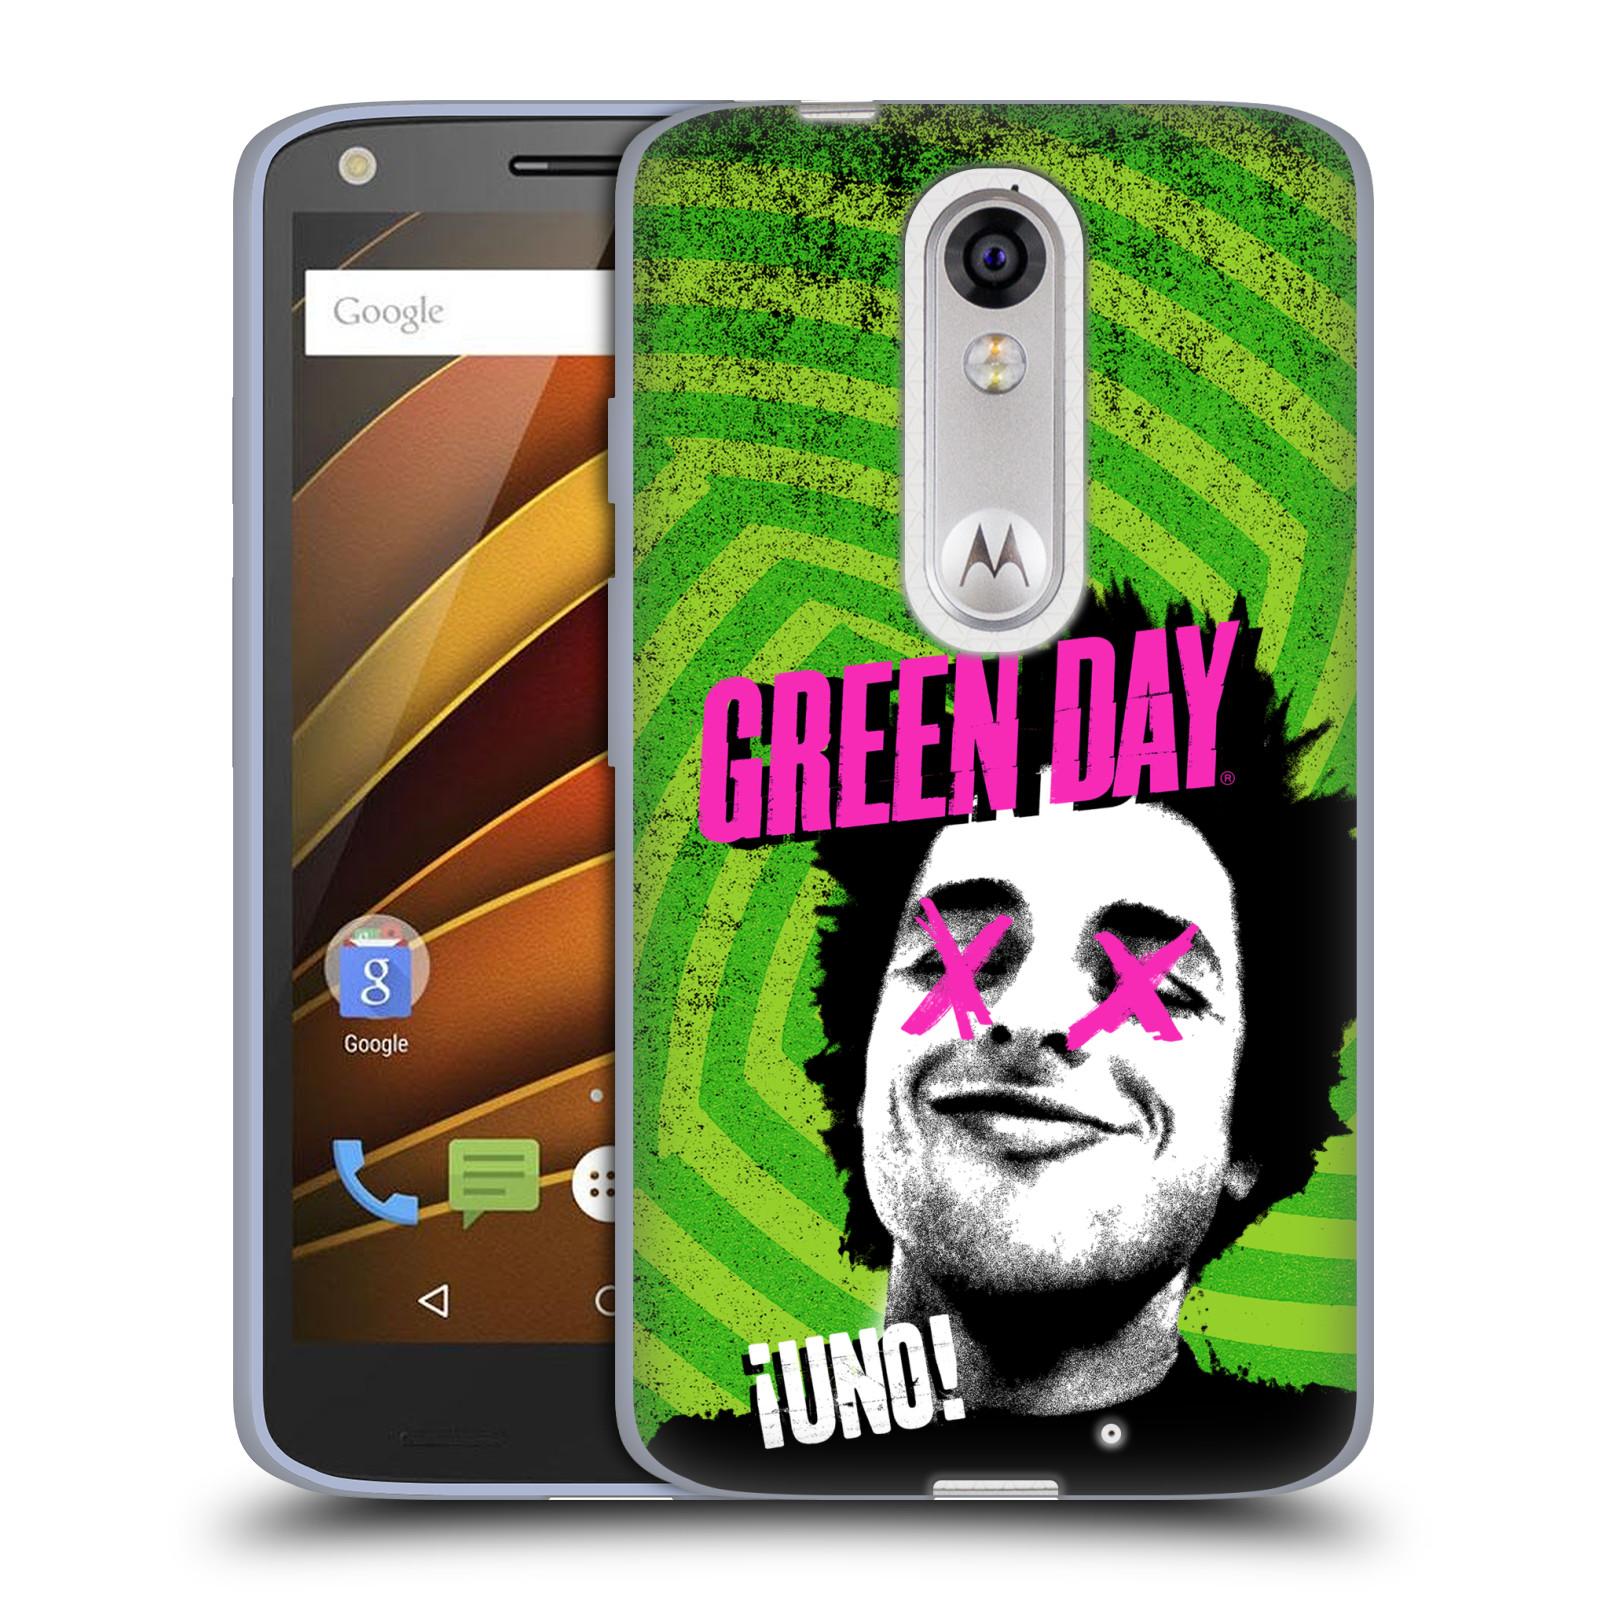 Silikonové pouzdro na mobil Lenovo Moto X Force HEAD CASE Green Day - Uno (Silikonový kryt či obal na mobilní telefon licencovaným motivem Green Day pro Lenovo Moto X Force (Motorola))